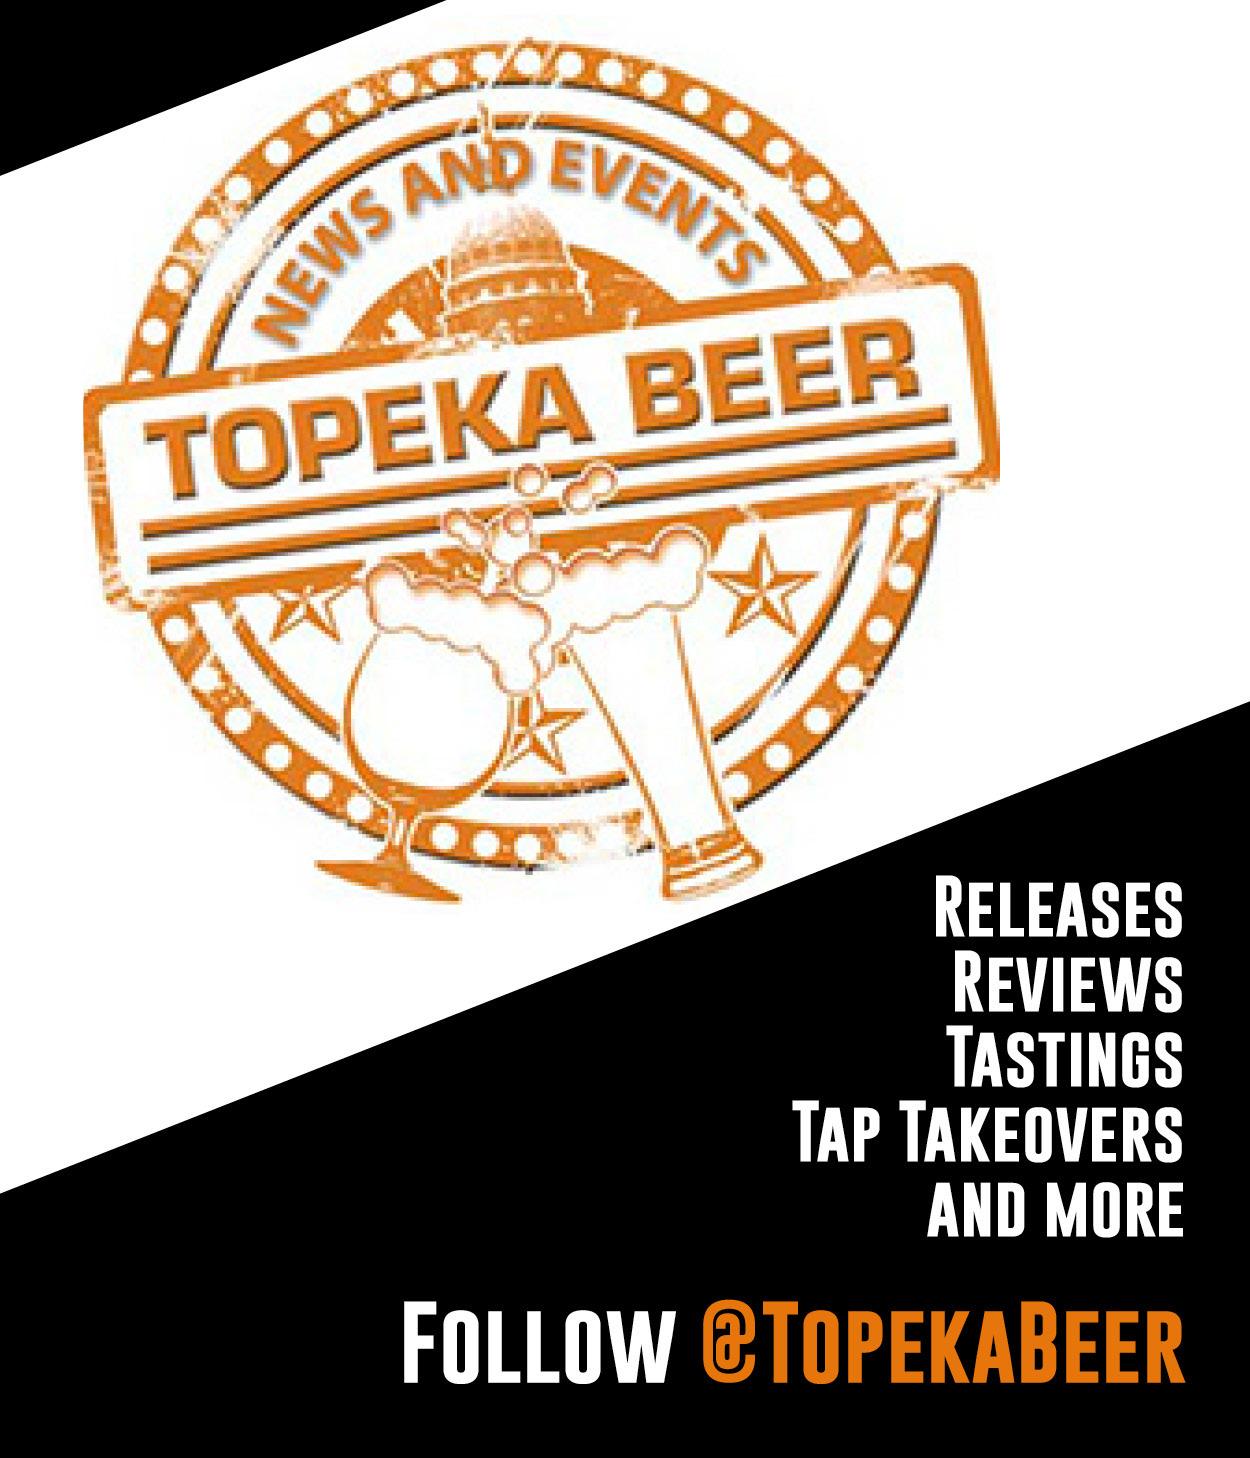 Topeka Beer